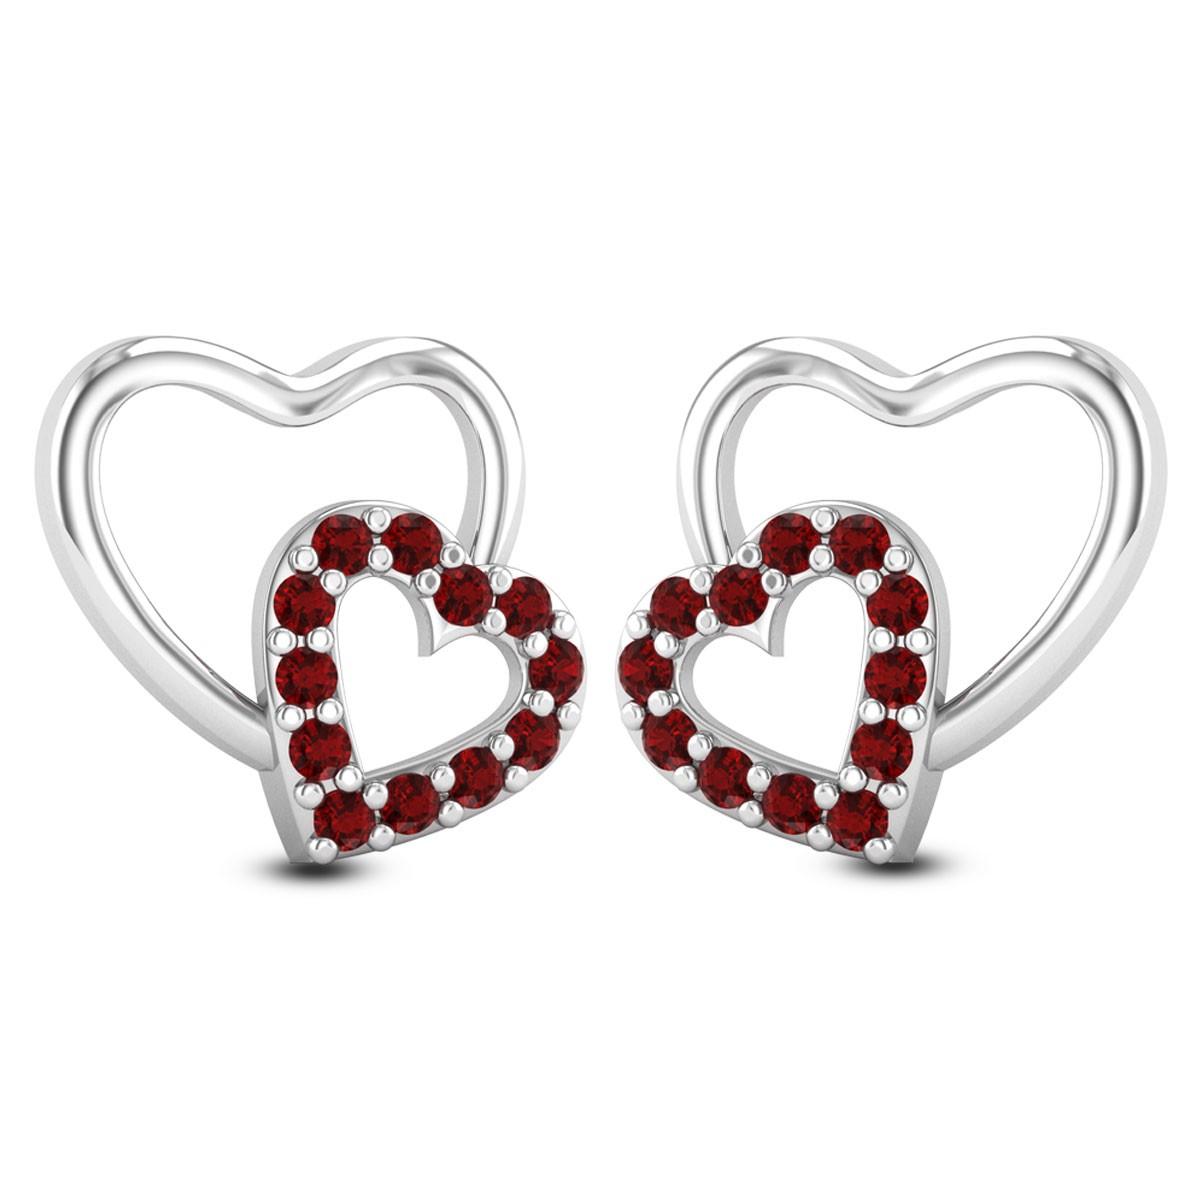 Ruby Twin Heart Stud Earrings